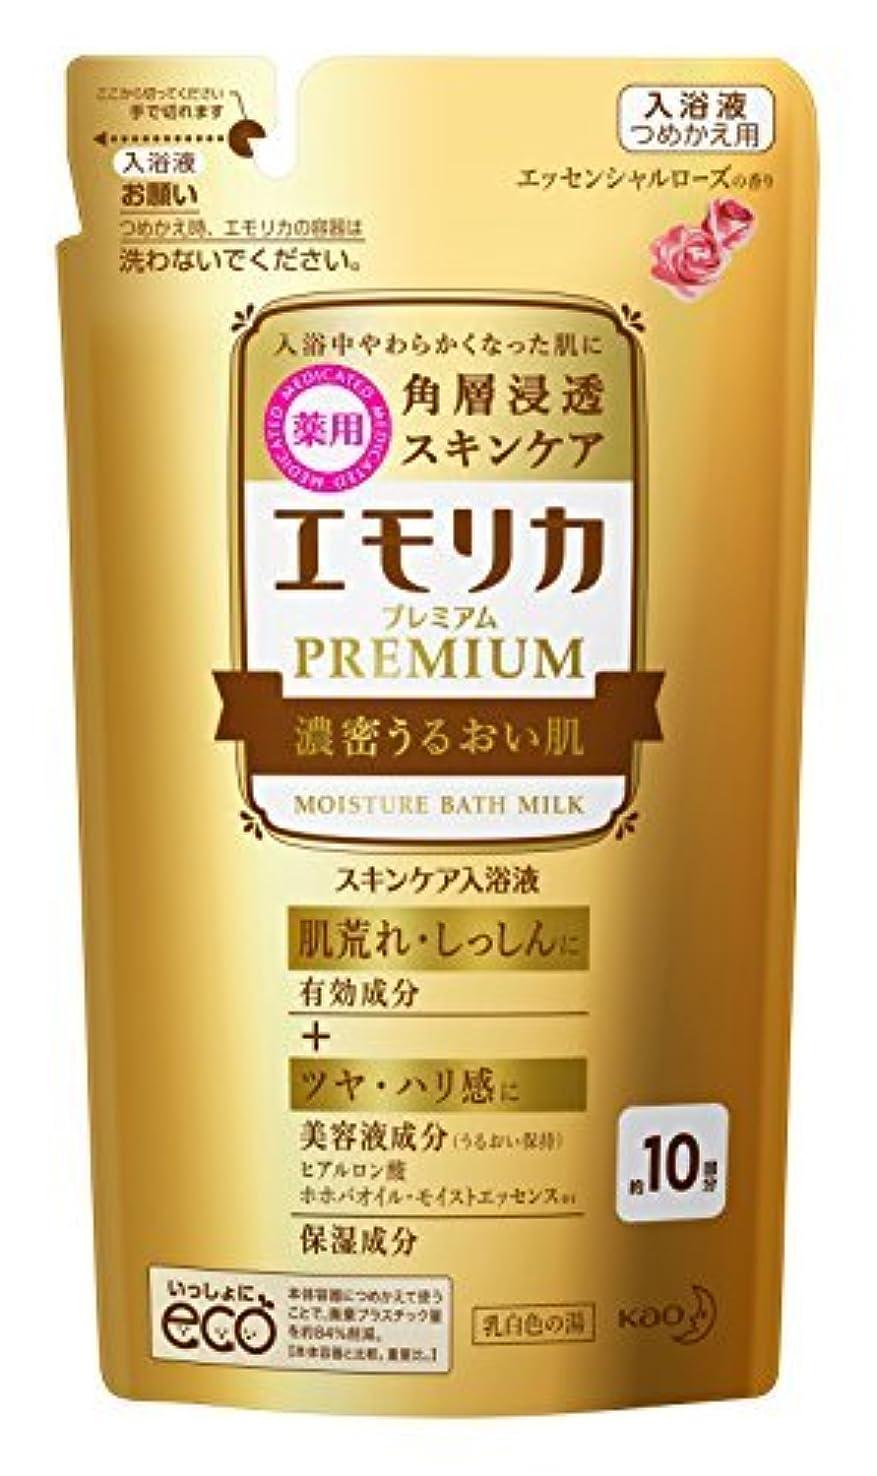 確認するボタン密エモリカ プレミアム 濃密うるおい肌 つめかえ用 300ml 入浴剤 Japan